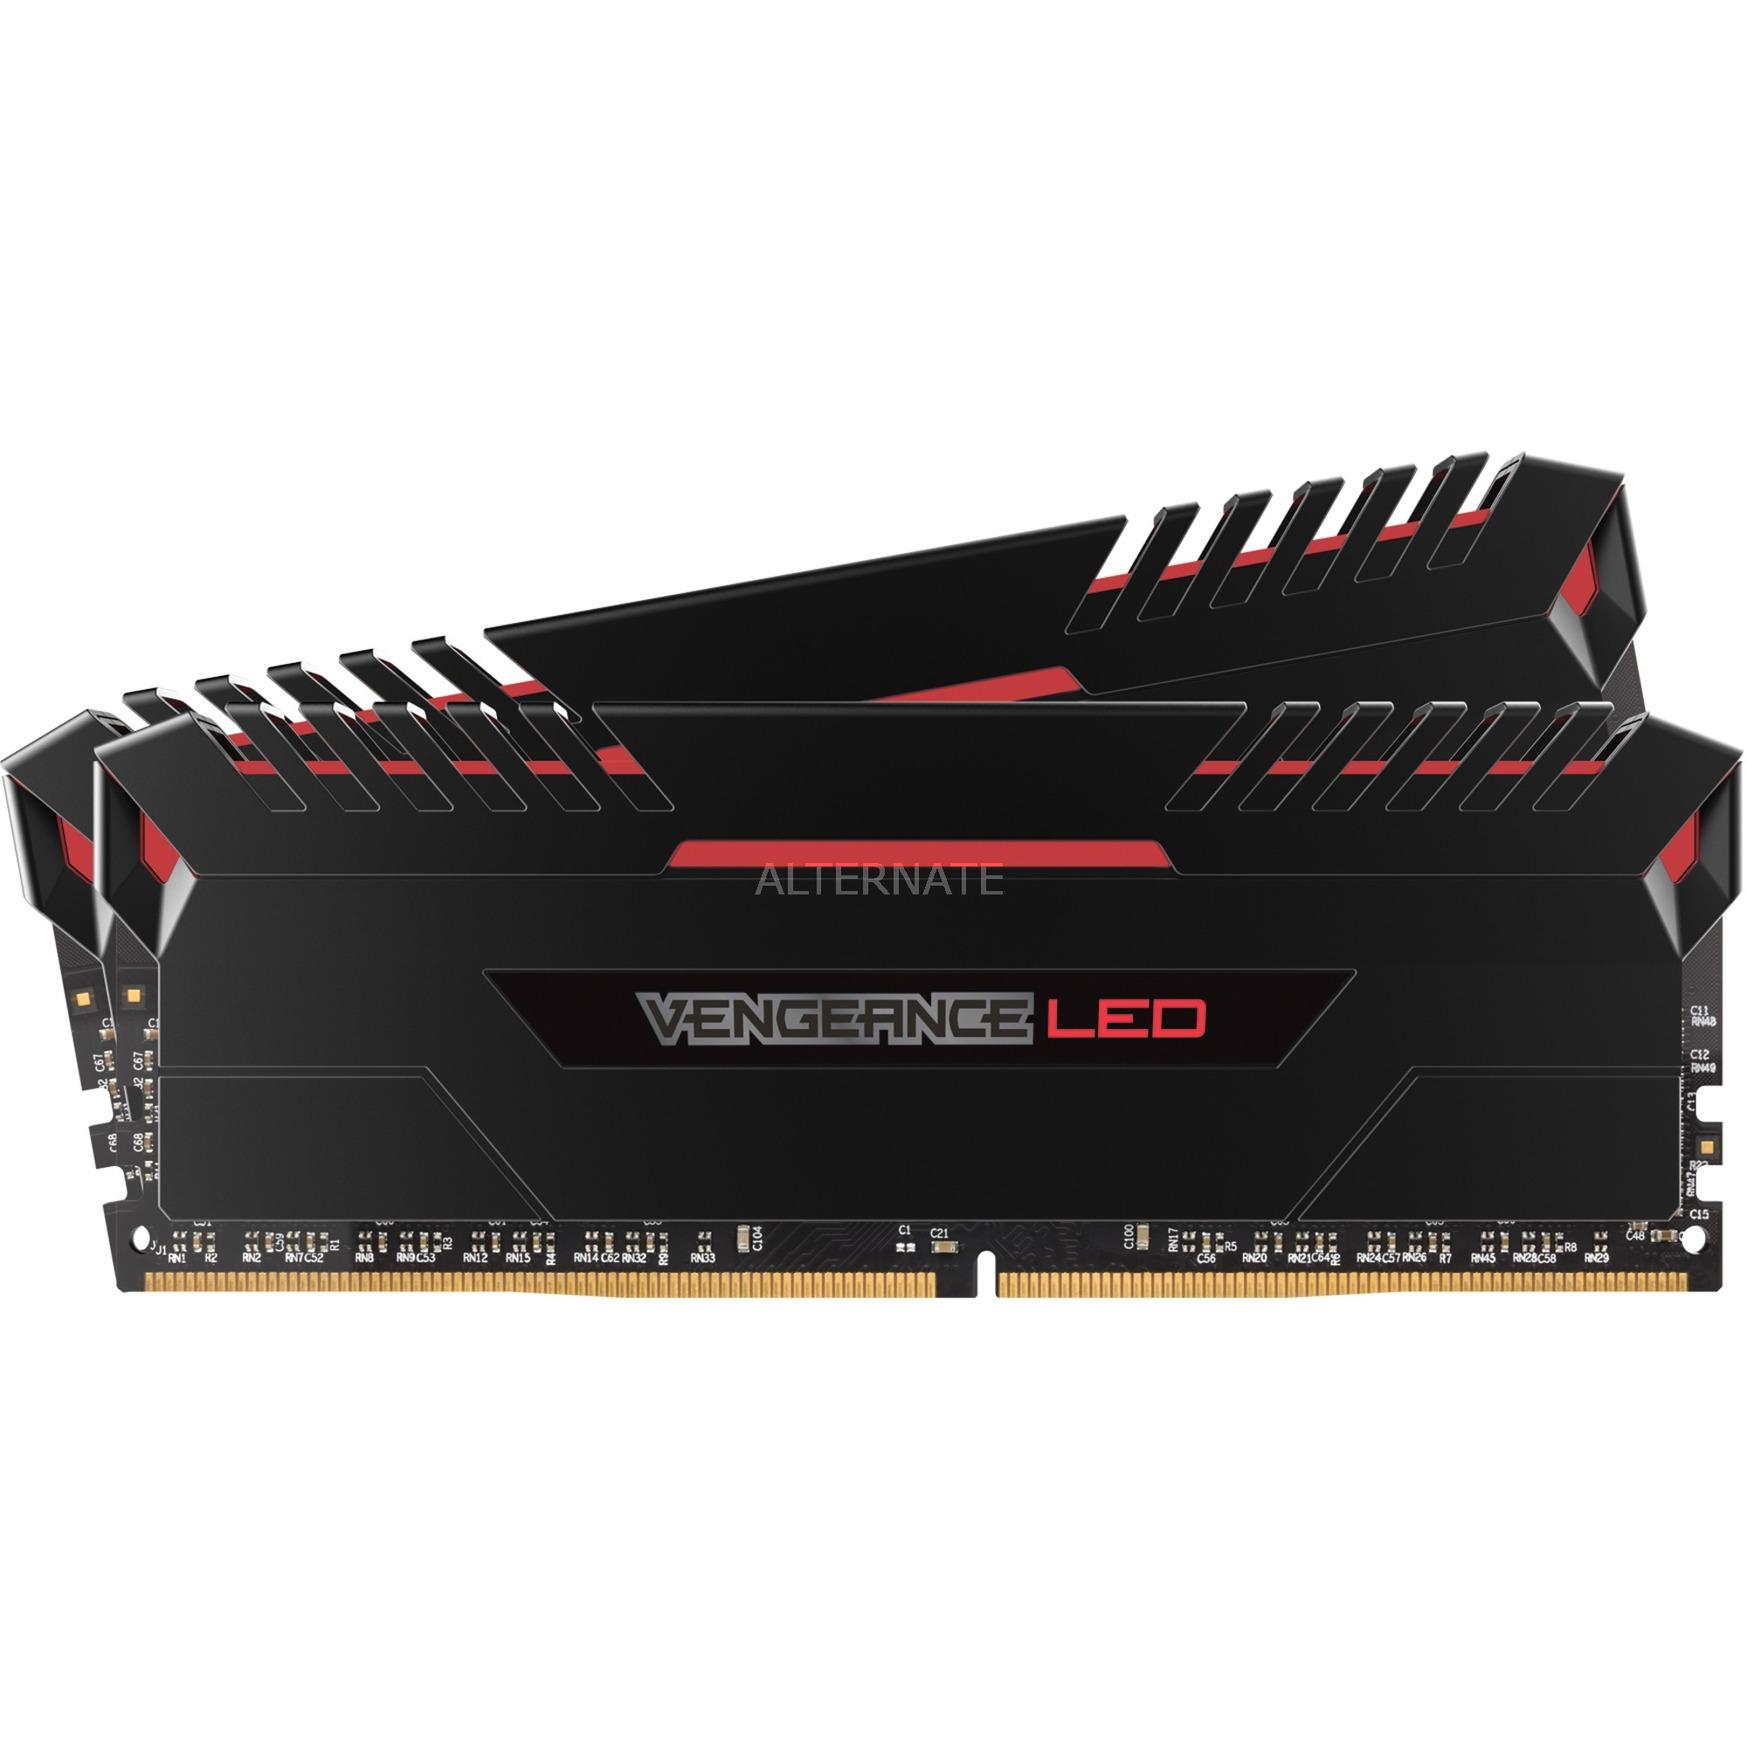 Vengeance LED 16 GB, DDR4, 3200 MHz 16Go DDR4 3200MHz module de mémoire